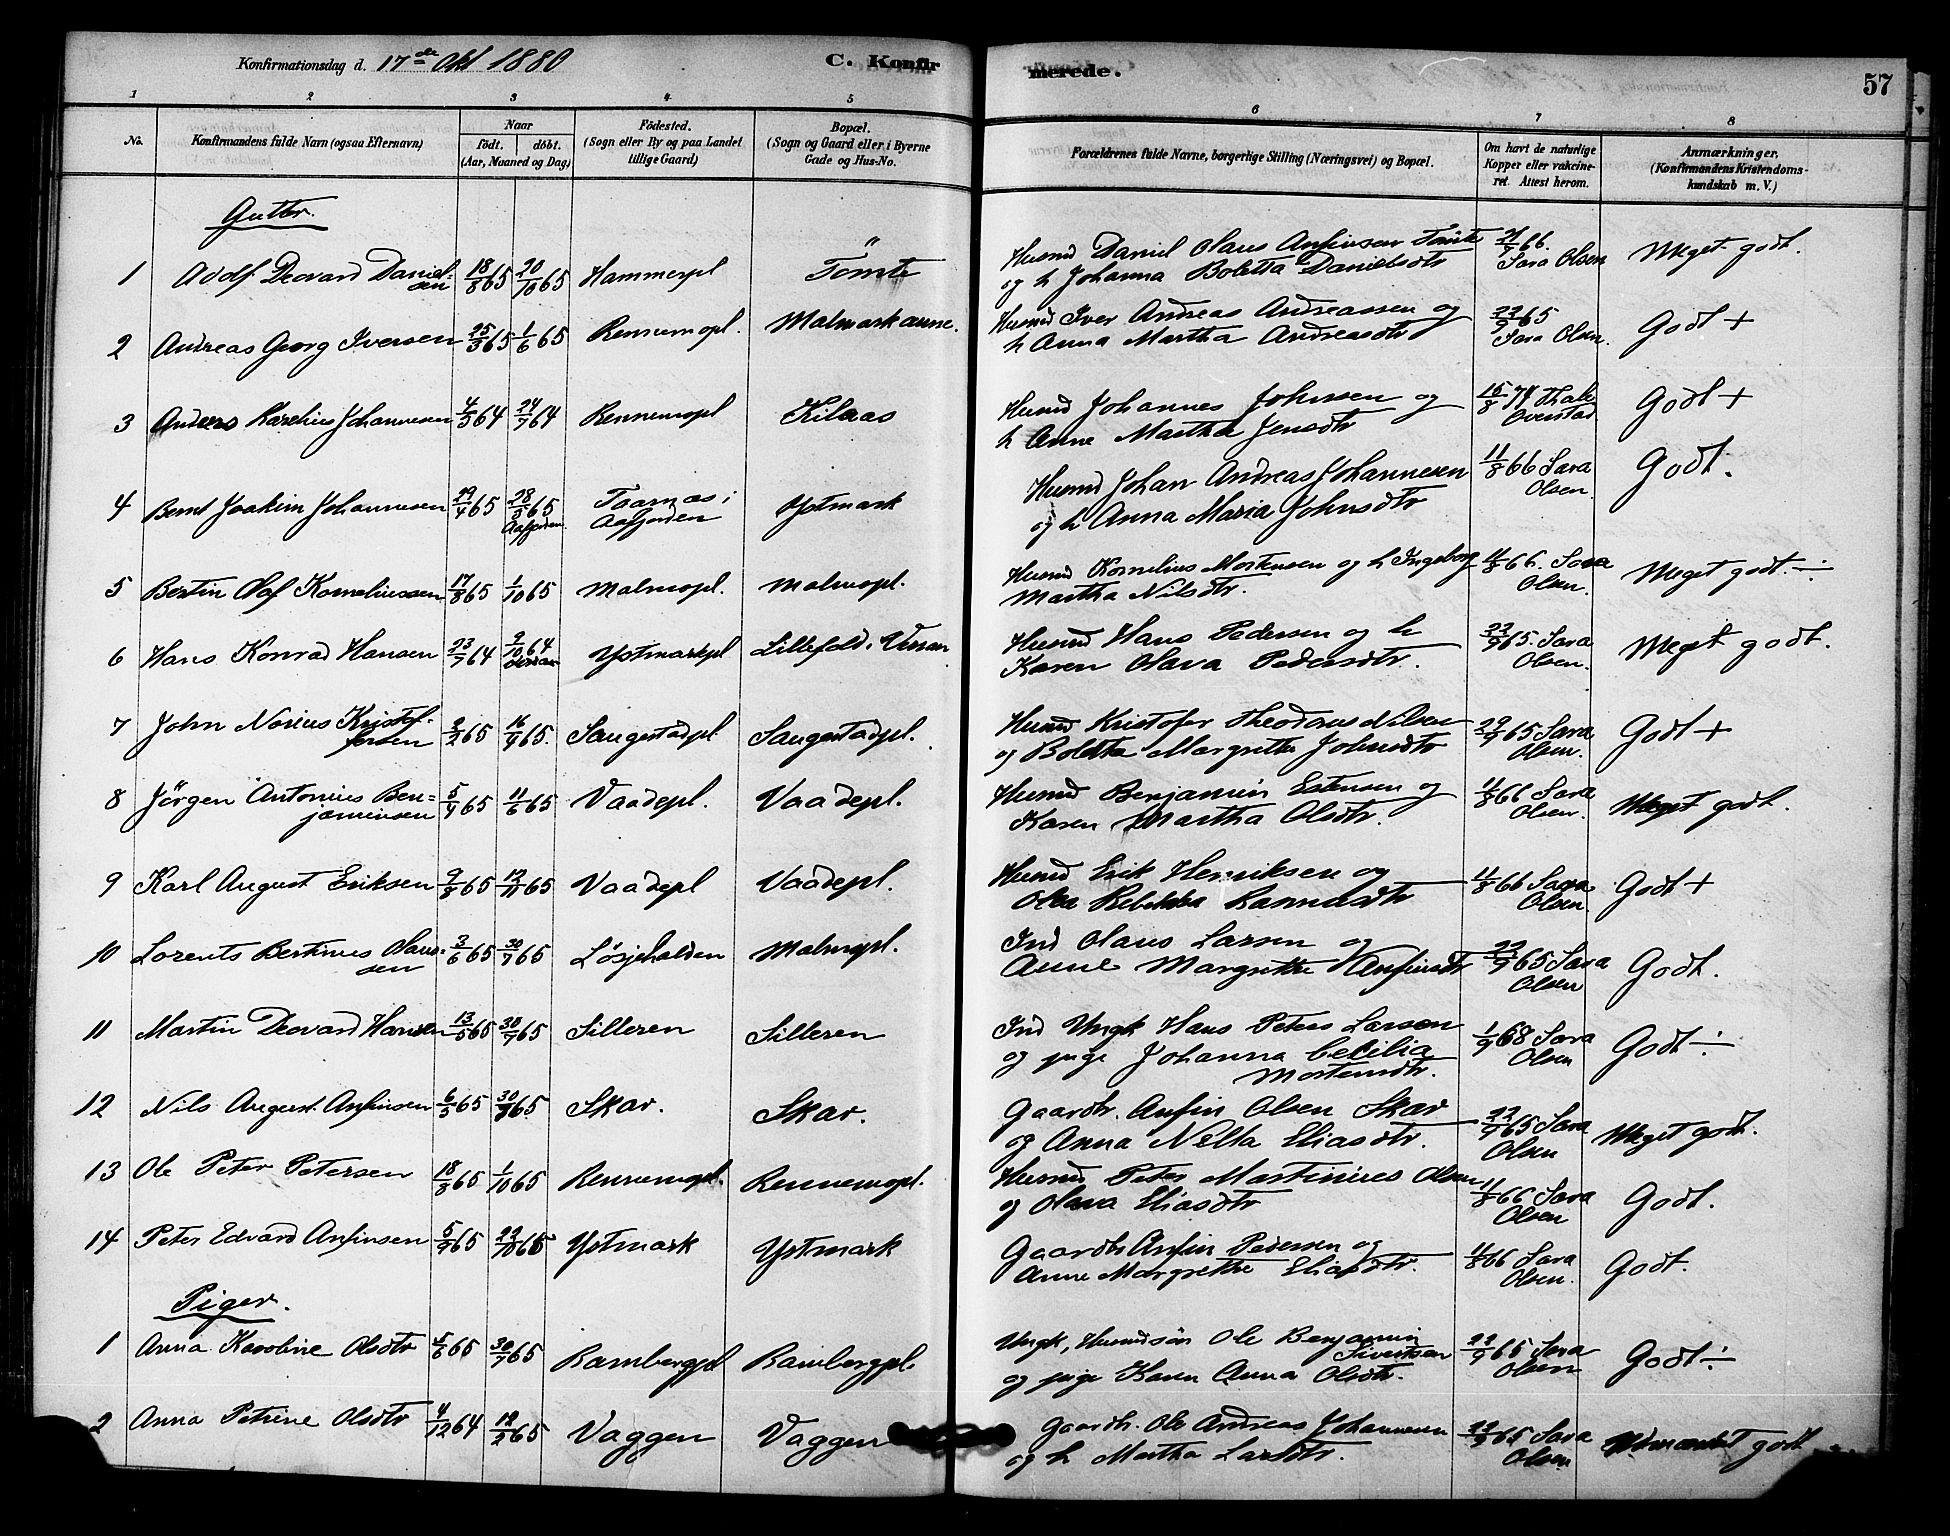 SAT, Ministerialprotokoller, klokkerbøker og fødselsregistre - Nord-Trøndelag, 745/L0429: Ministerialbok nr. 745A01, 1878-1894, s. 57